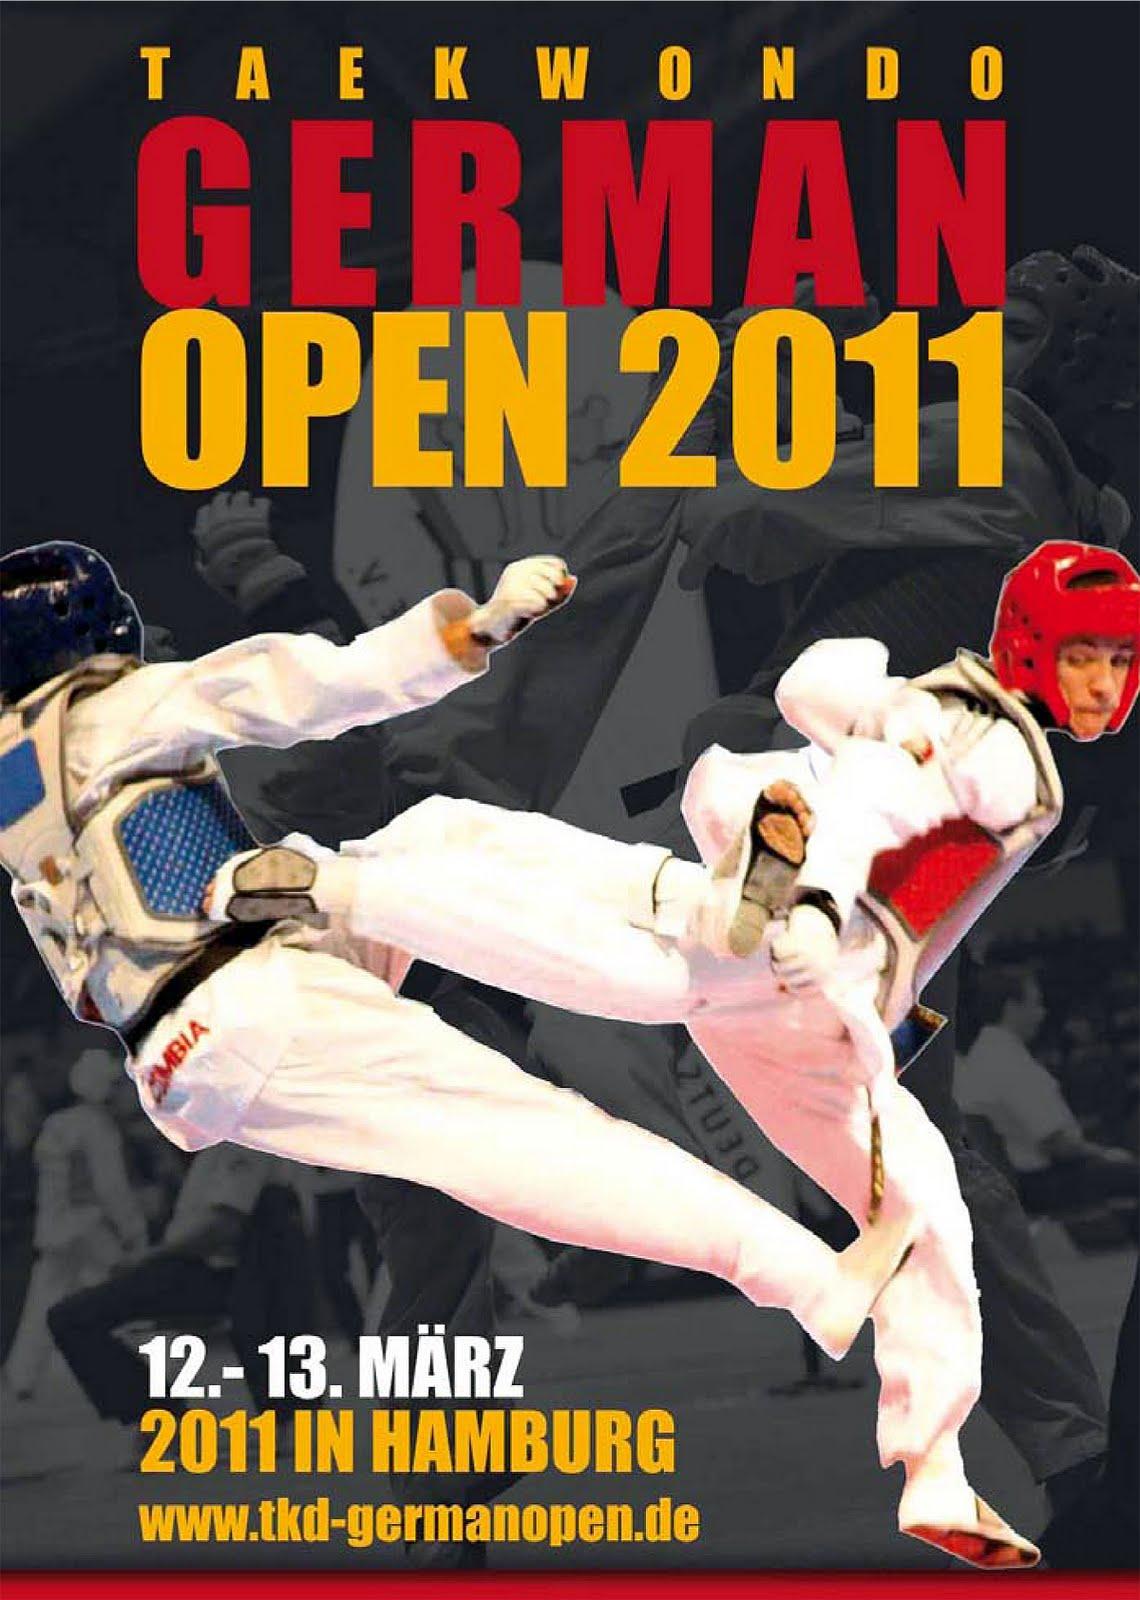 http://4.bp.blogspot.com/-hcLXOd9kSvU/TX39CE8sXXI/AAAAAAAAD90/MTlKieG6XFM/s1600/2011-03-13_22724x_masTaekwondo_POSTER_GermanOpen2011.jpg